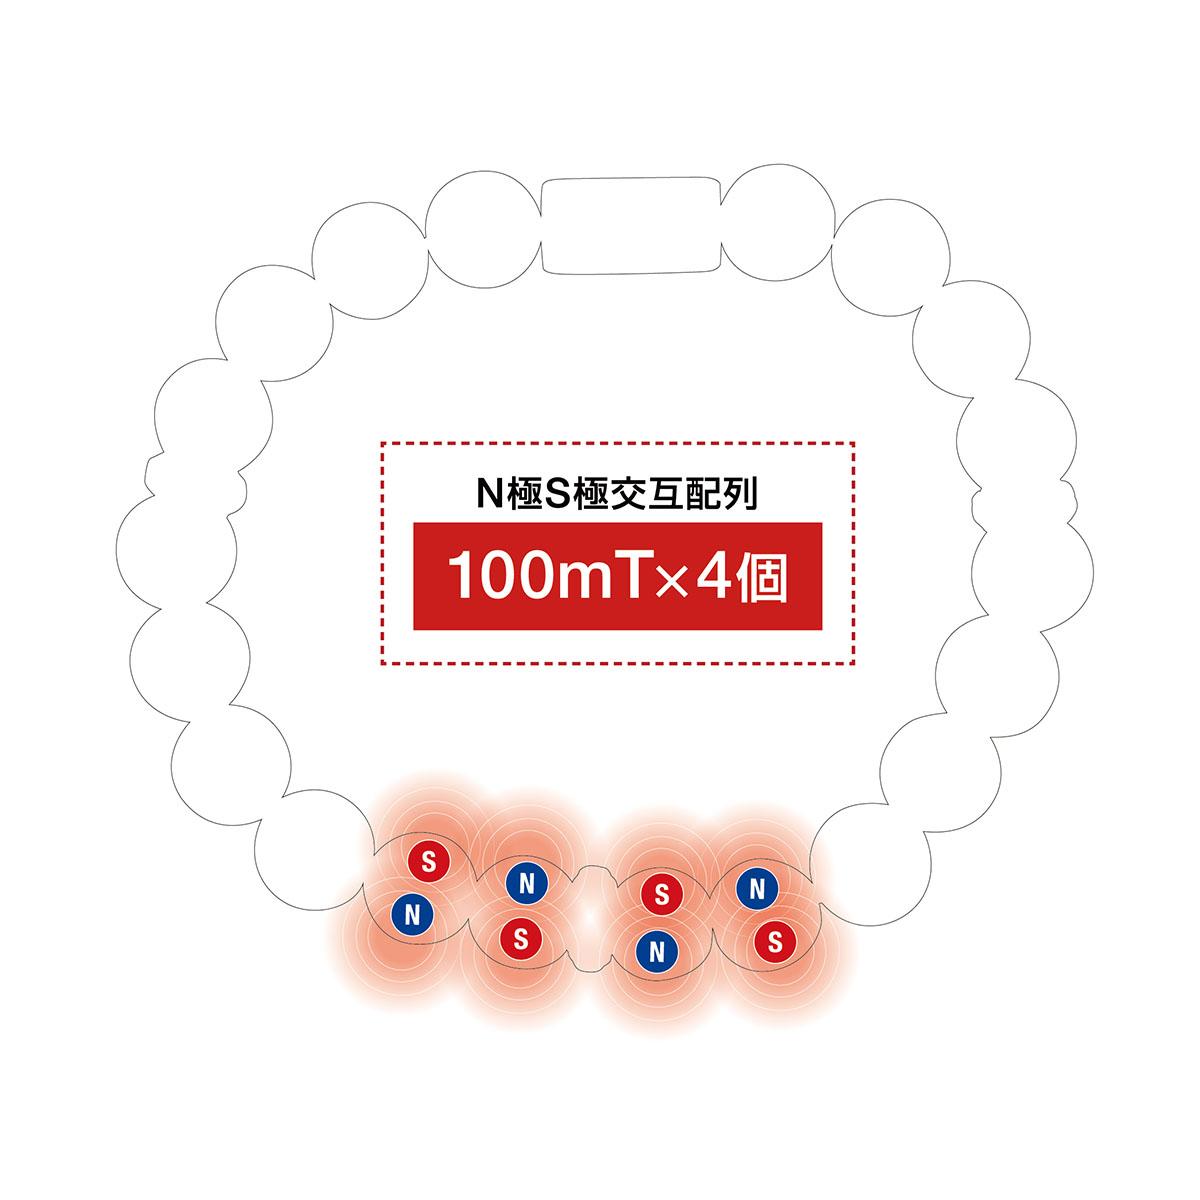 コラントッテ ループ EN-tsubomi 磁石配置イメージ図